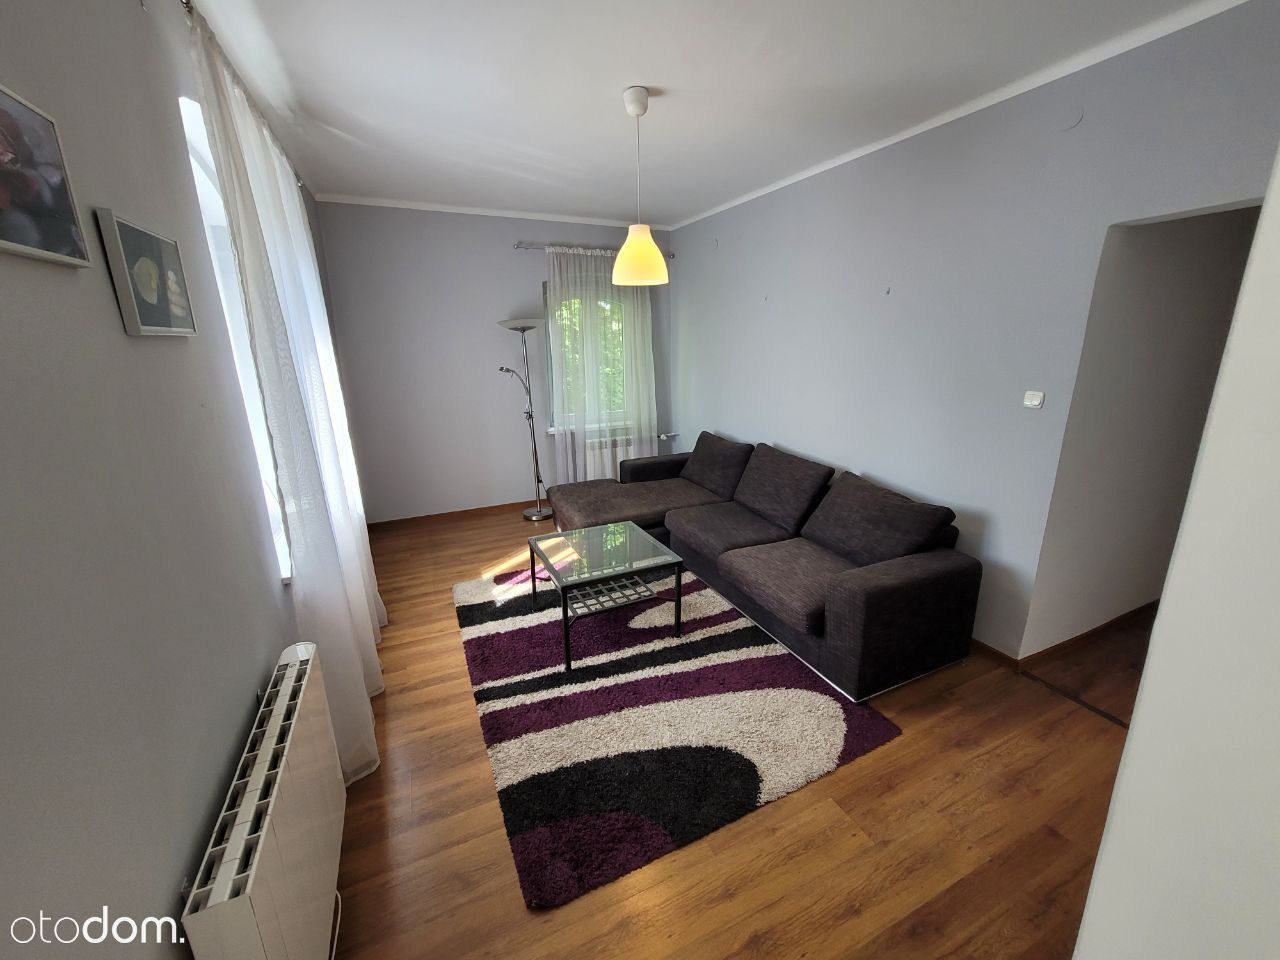 3-pokojowe mieszkanie w centrum Mikołowa